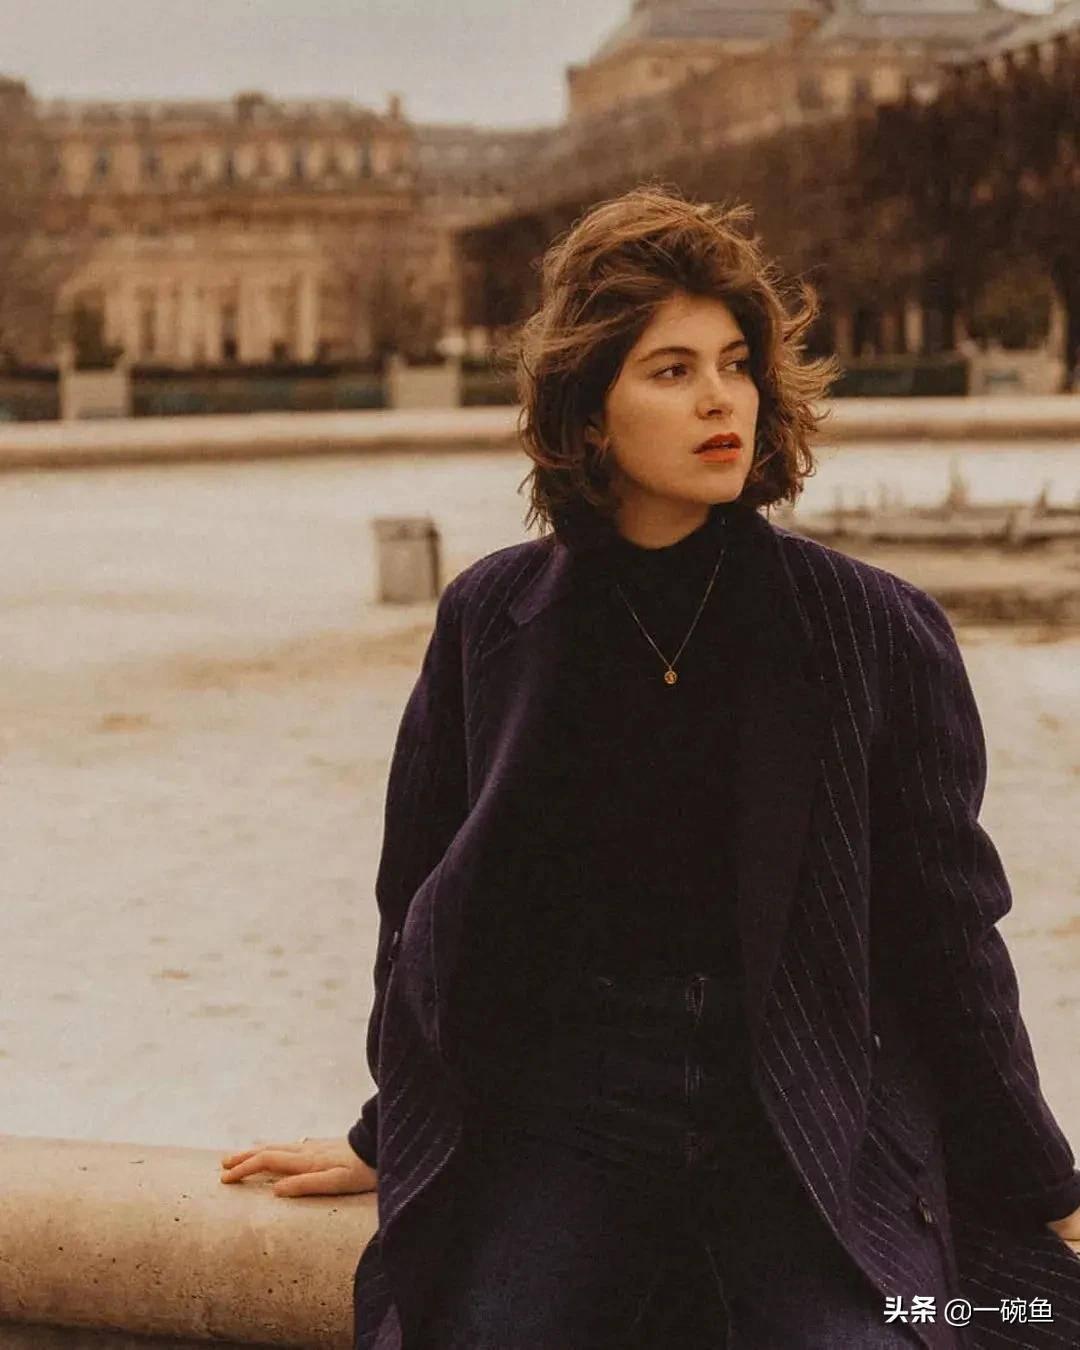 Lười như gái Pháp: Kiểu tóc rối kinh điển nhưng sang ngút ngàn, ai ngắm cũng mê - Ảnh 1.